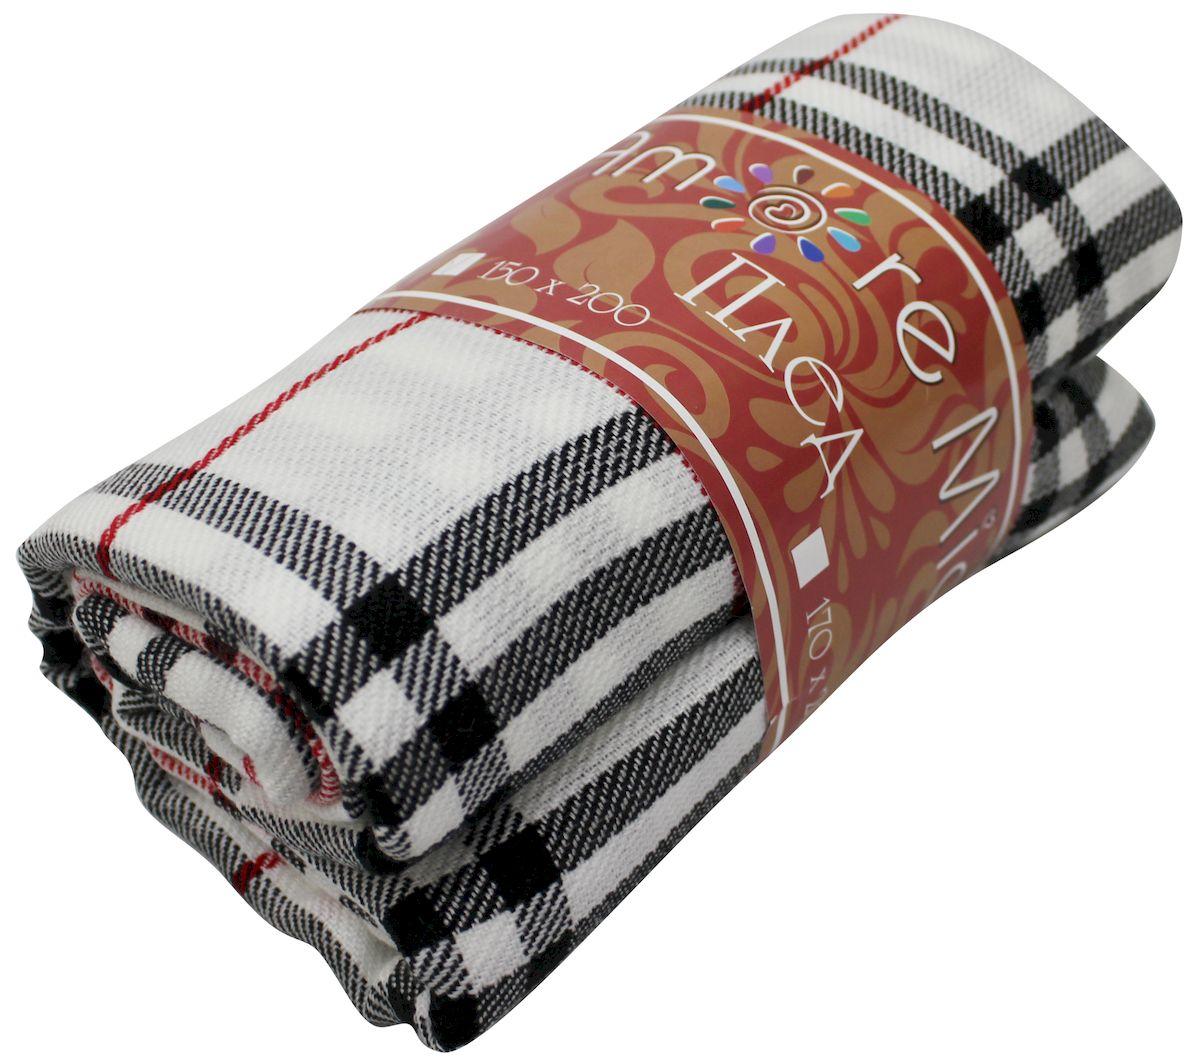 Плед Amore Mio Delicacy, 150 х 200 см78888Мягкий, теплый и уютный плед с кистями Amore Mio изготовлен из 100% акрила. Не зря в народе за акрилом закрепилось имя искусственной шерсти. Акриловое волокно великолепно удерживает тепло, оно практично и долговечно. Еще одно преимущество - в цене, так как по факту акрил значительно дешевле натуральной шерсти.